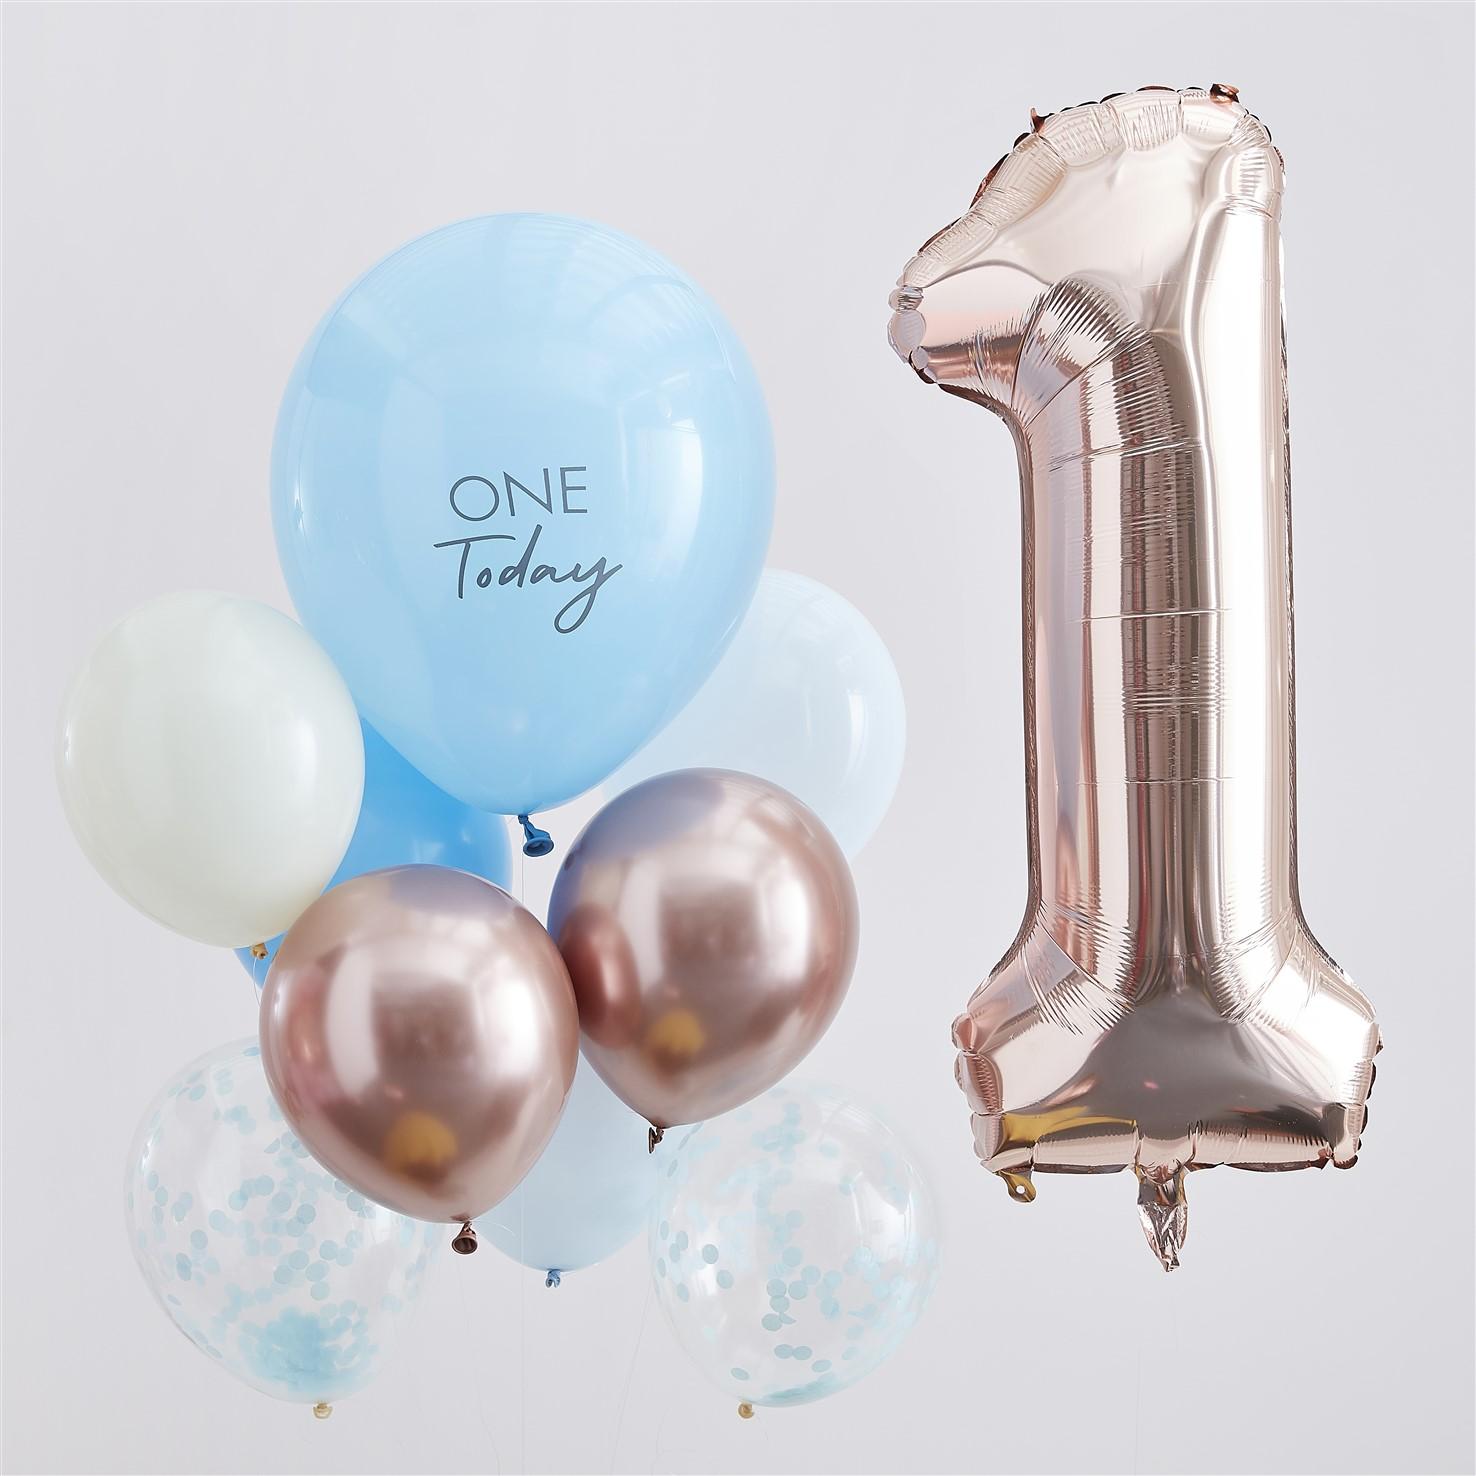 Σετ Μπαλονιών One Today Blue & Rose Gold – 10 Τεμάχια